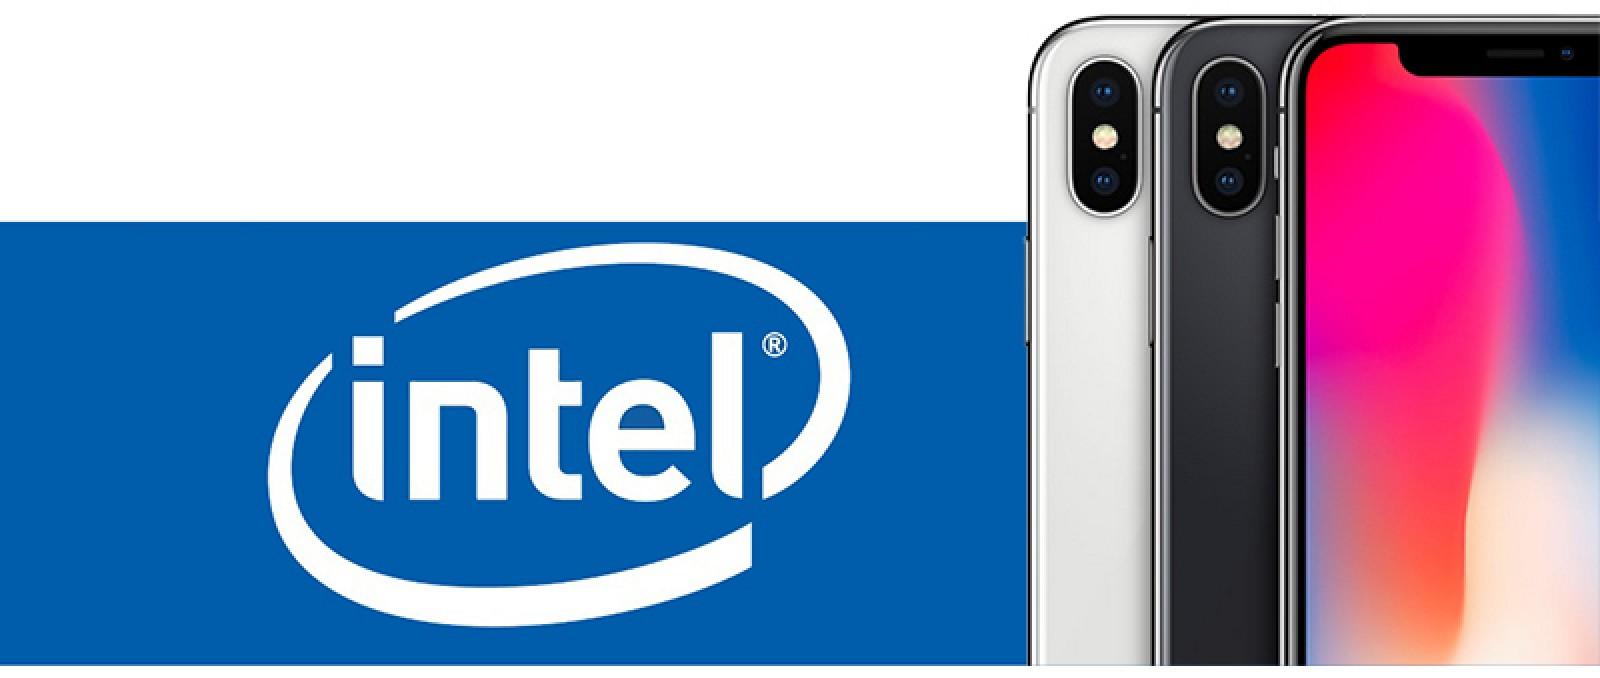 Intel May Lose Apple Modem Business to MediaTek - MacRumors